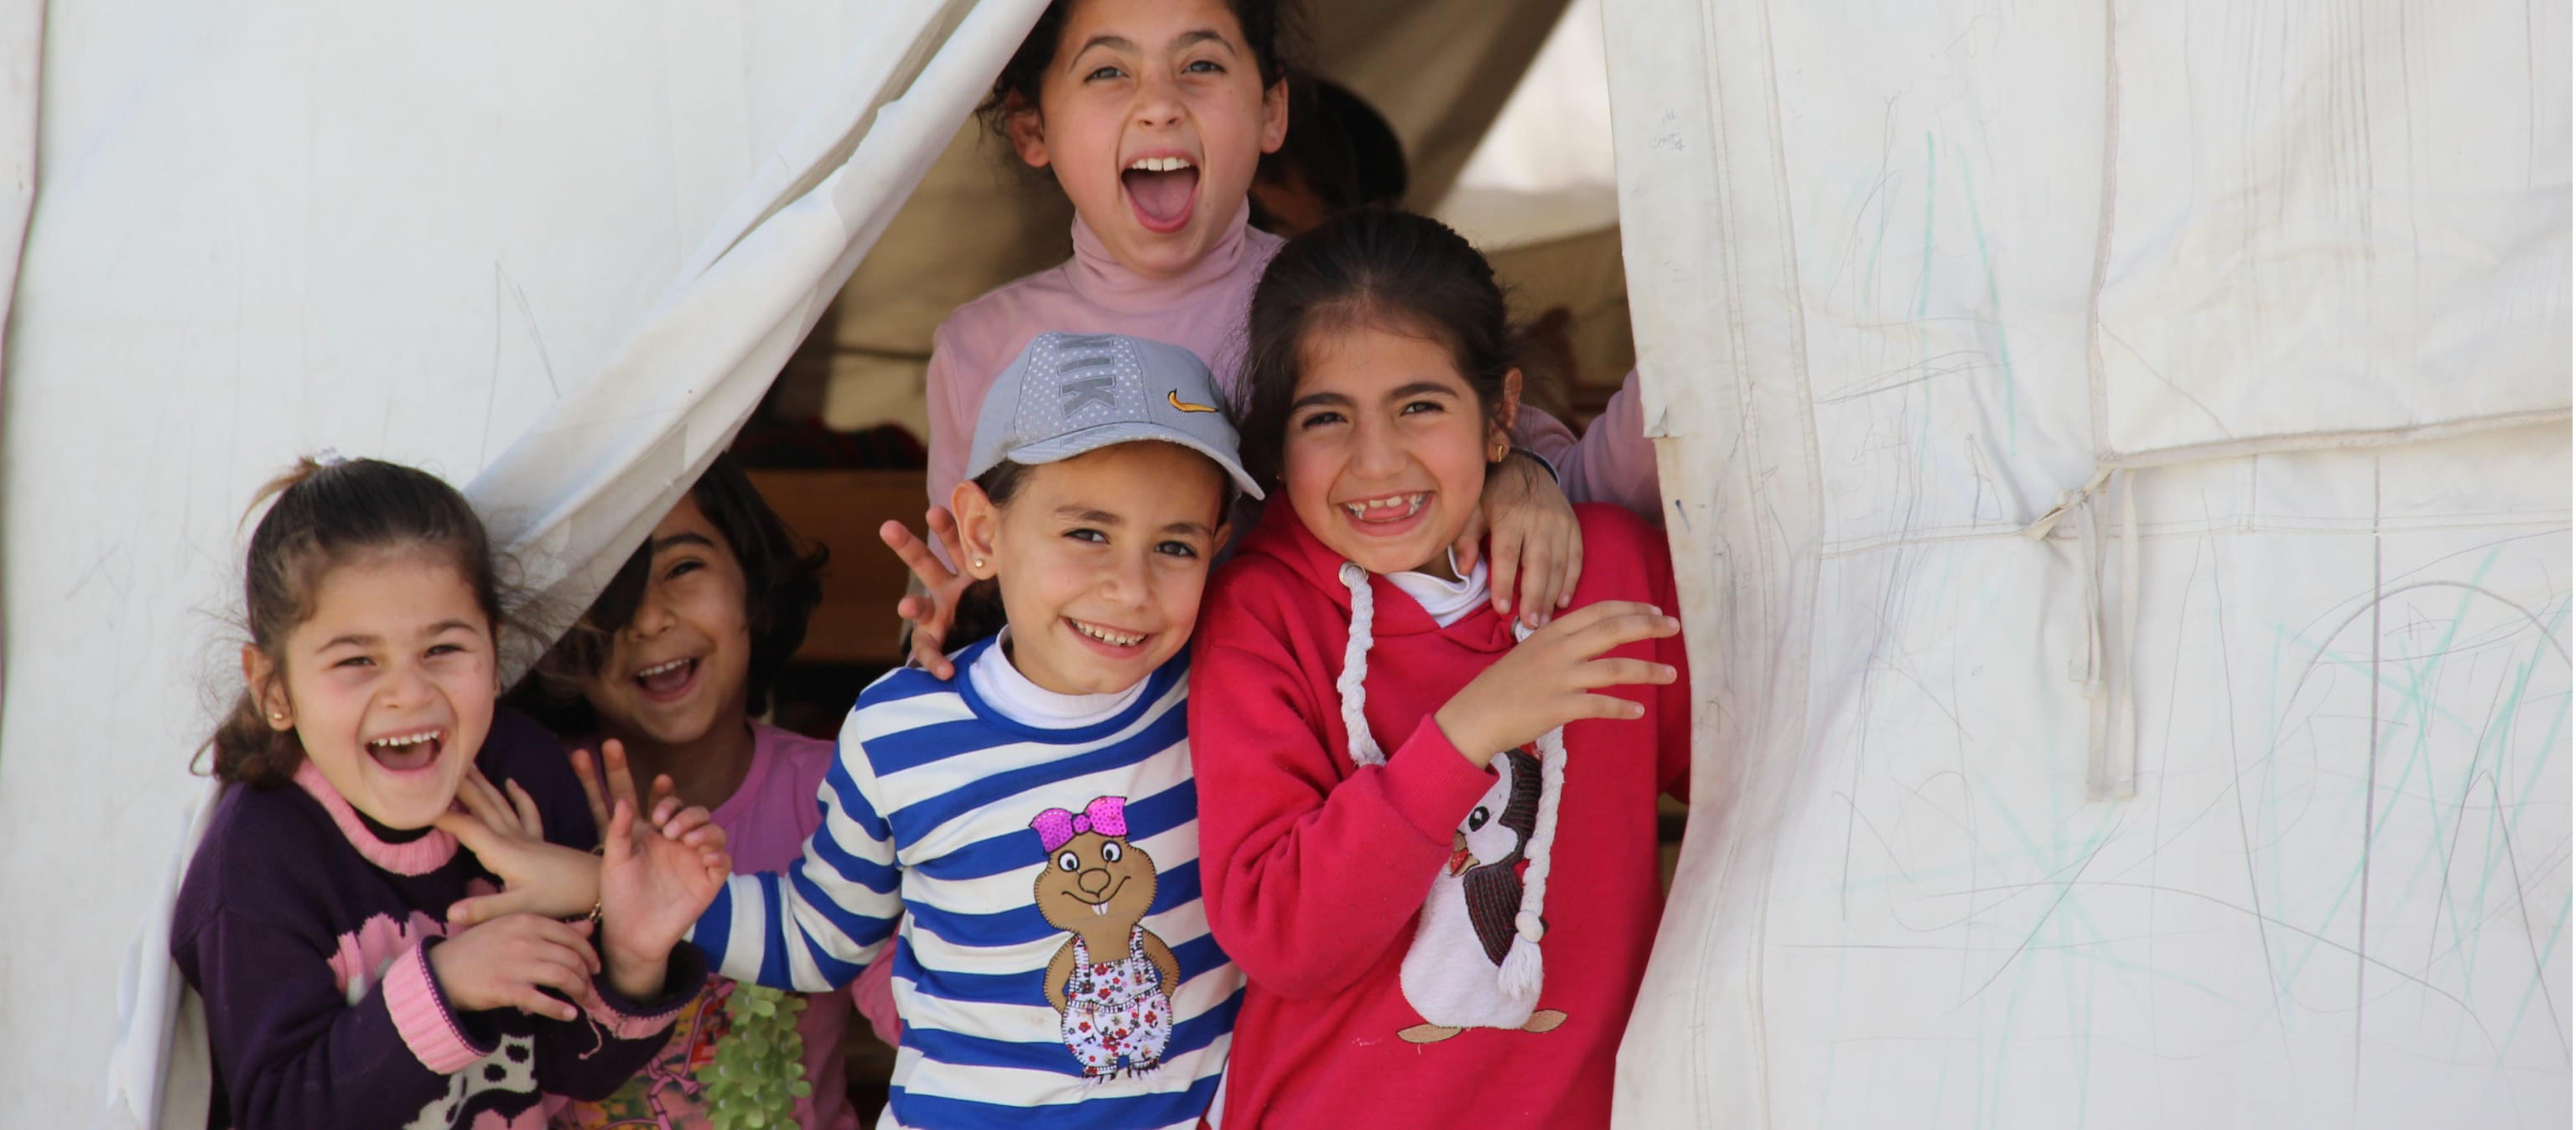 La Convenzione ONU sui diritti dell'infanzia e dell'adolescenza.